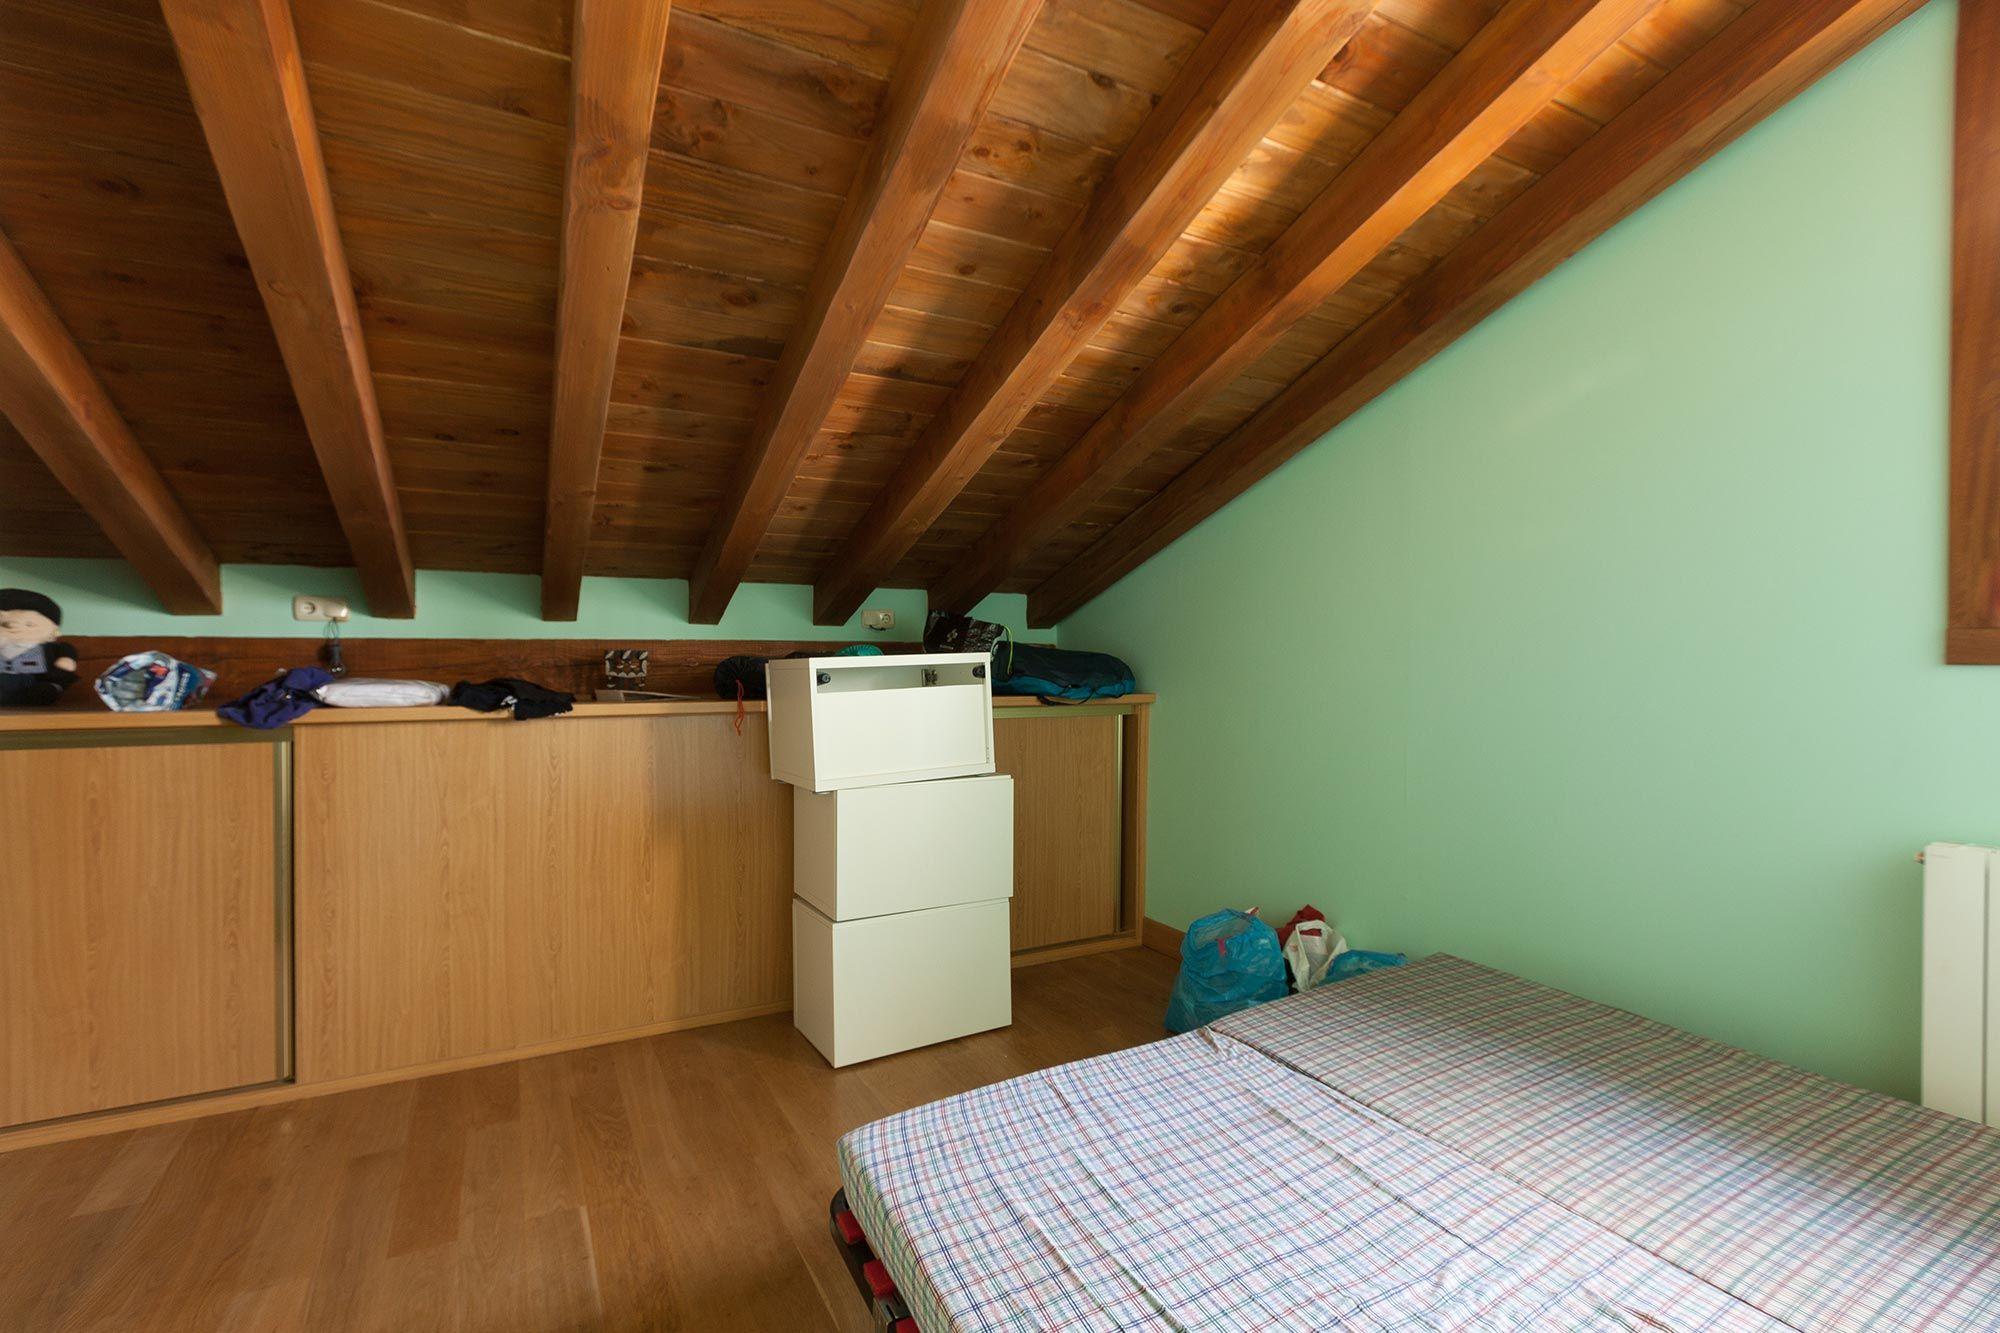 decorar dormitorio infantil alegre y campestre con cabecero rojo - antes